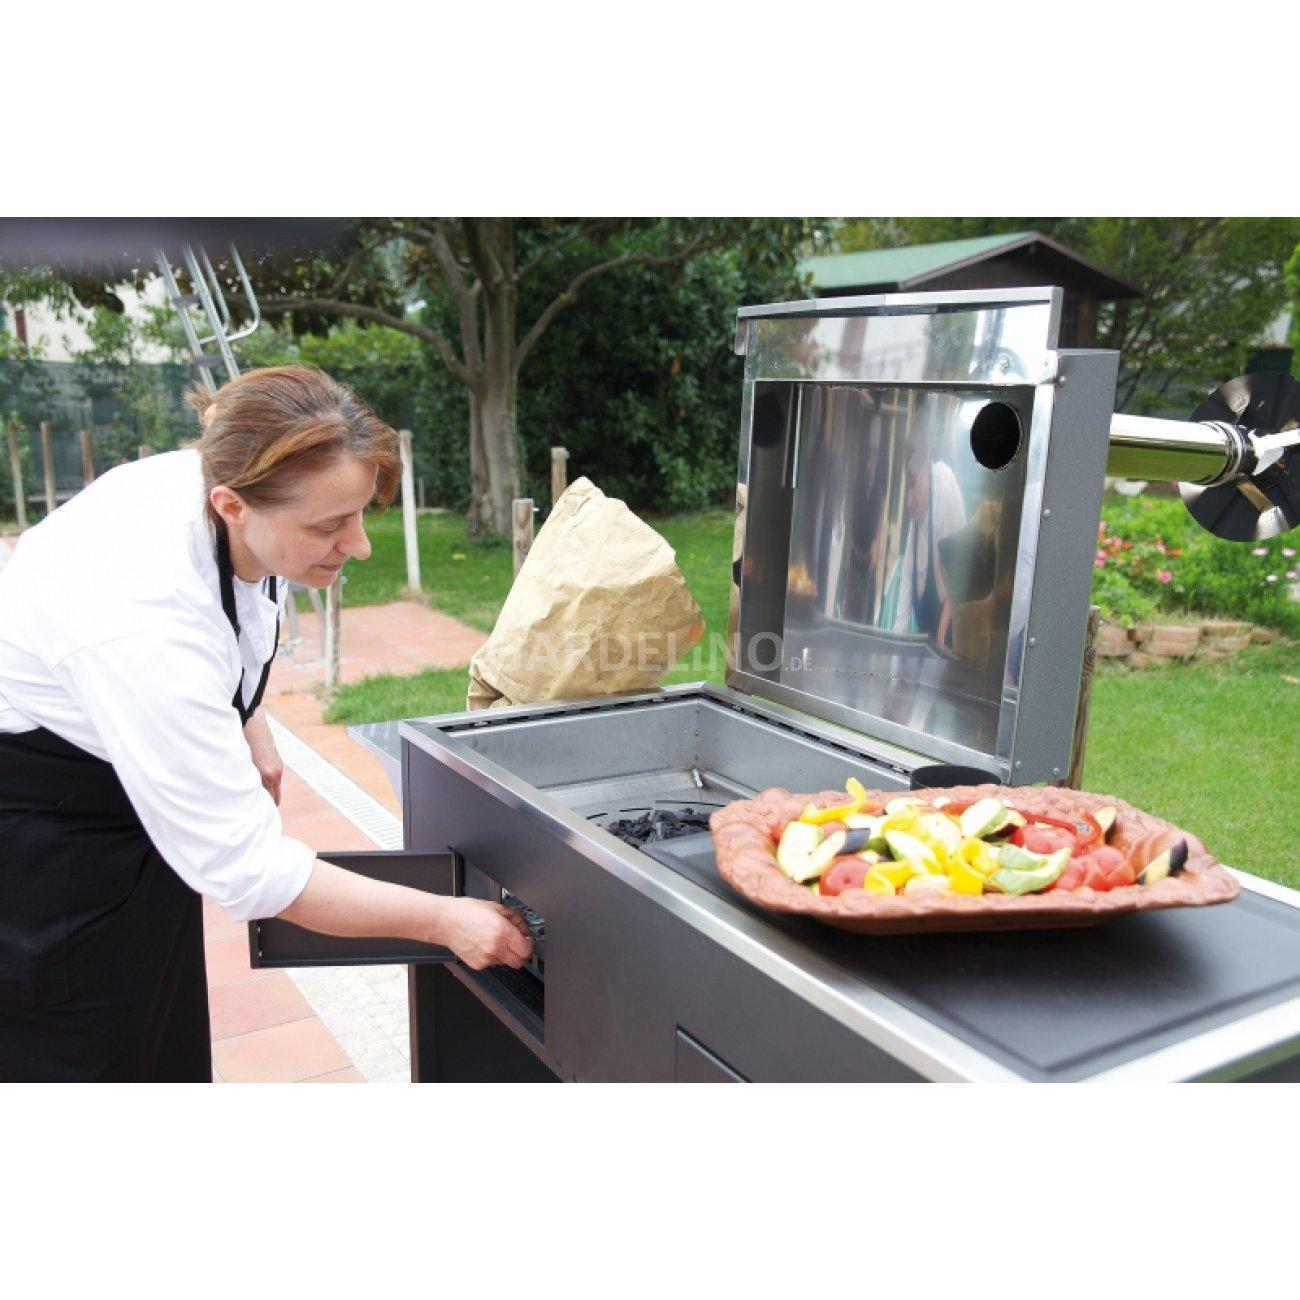 grill und pizzaofen kombiniert – rekem, Garten und Bauen